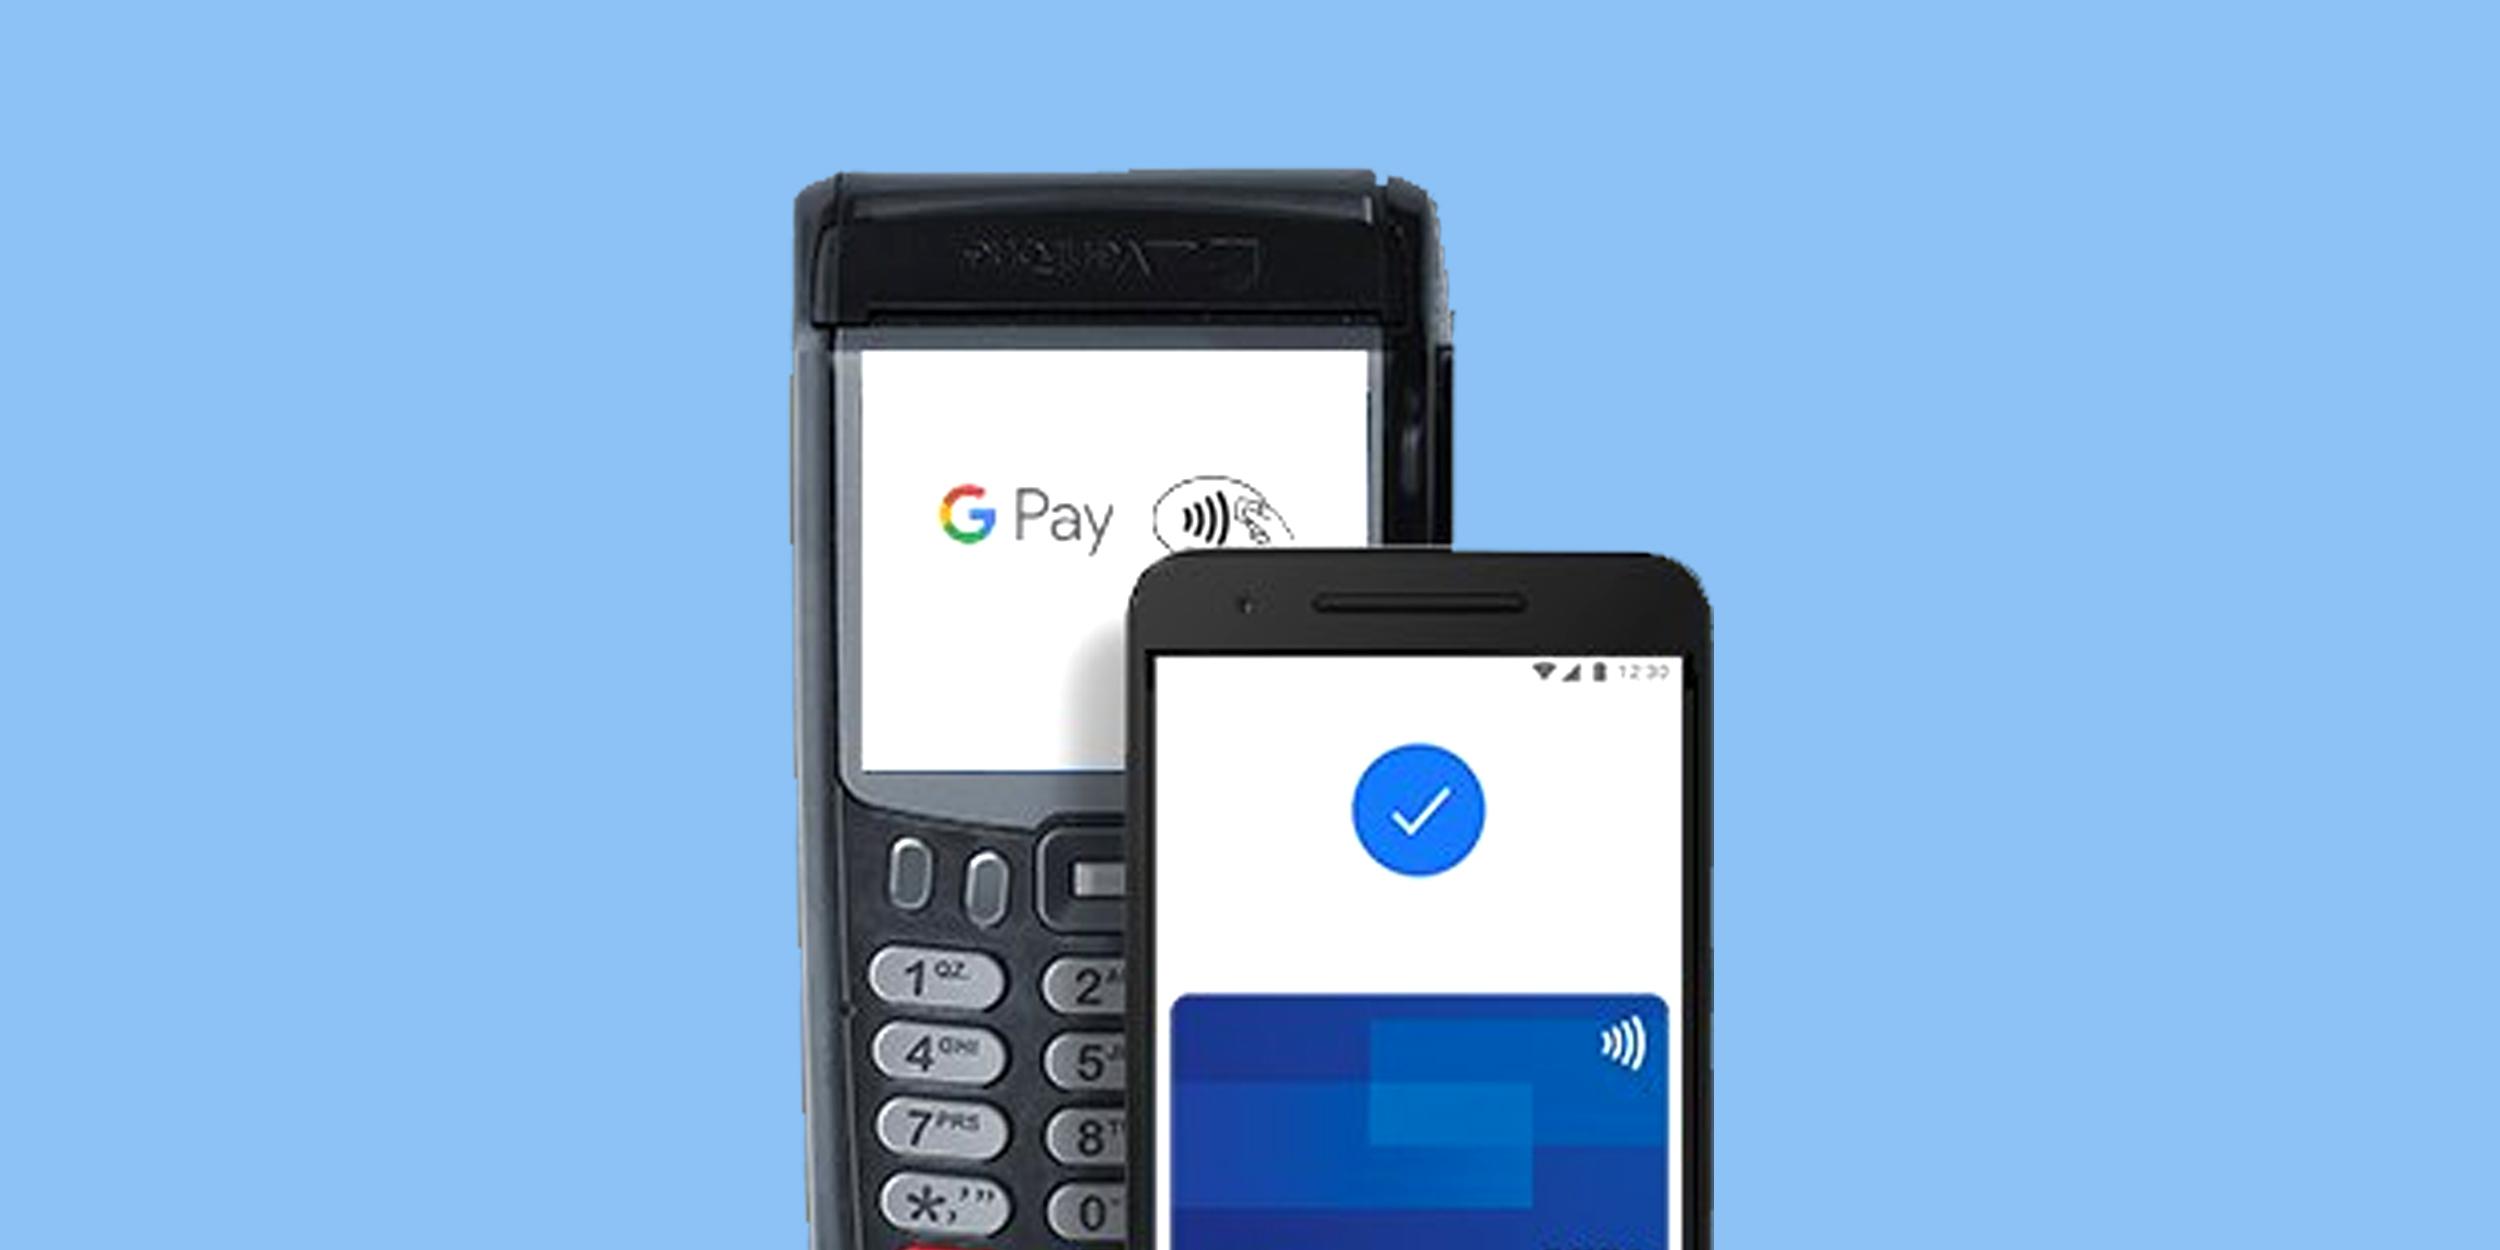 google pay kak polzovatsya chto takoe beskontaktnaya texnologiya